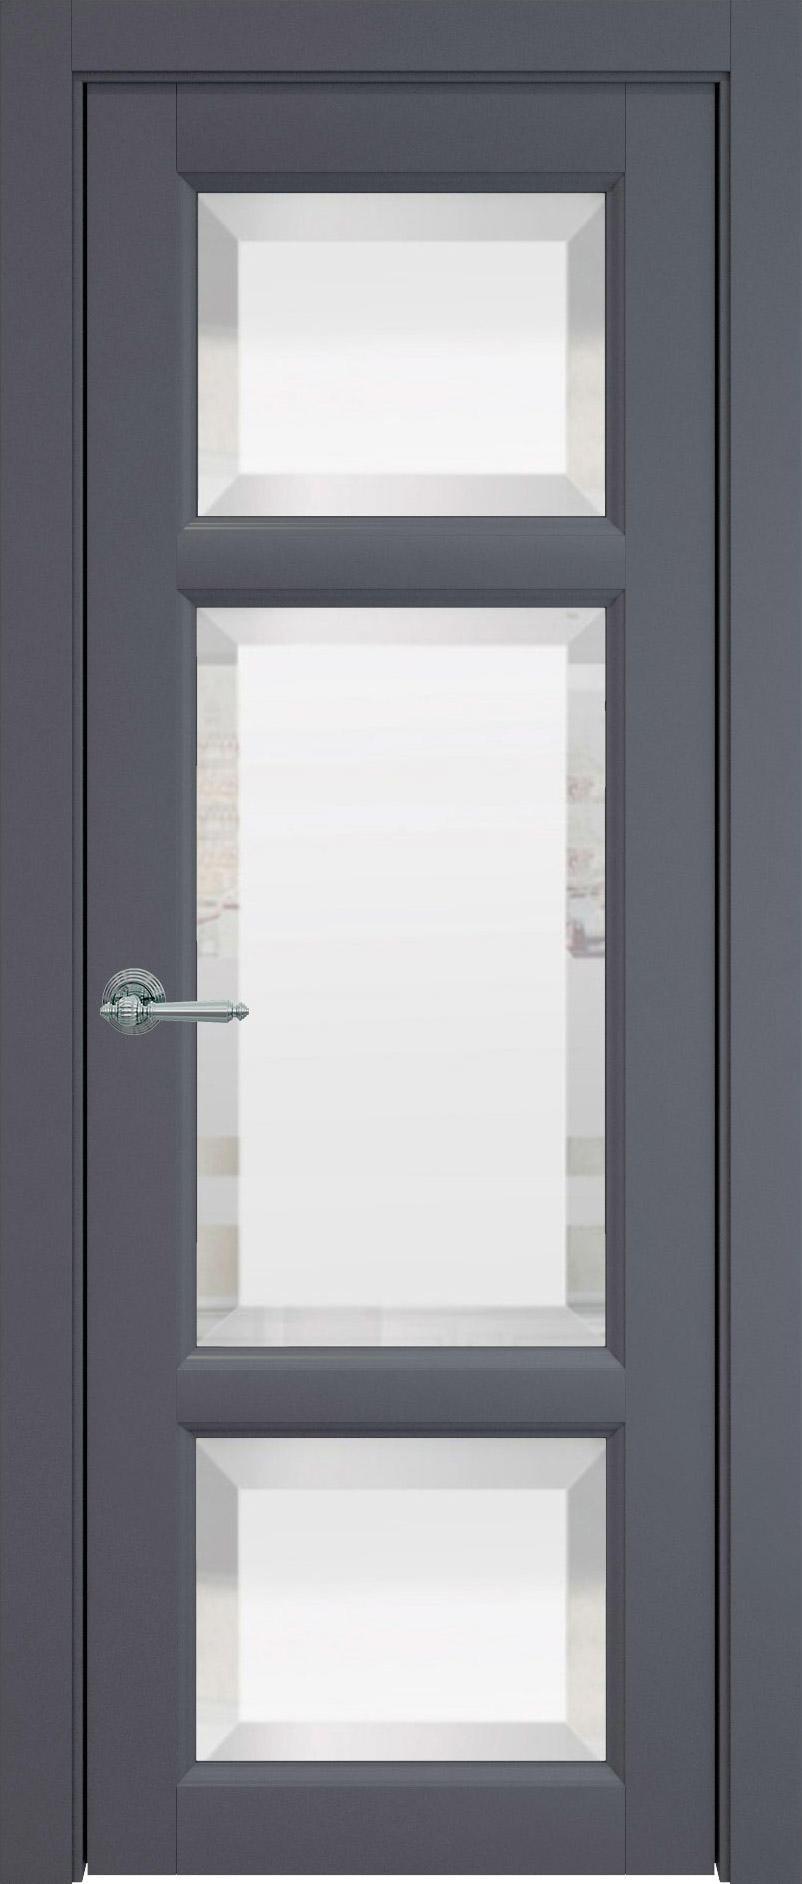 Siena цвет - Графитово-серая эмаль (RAL 7024) Со стеклом (ДО)